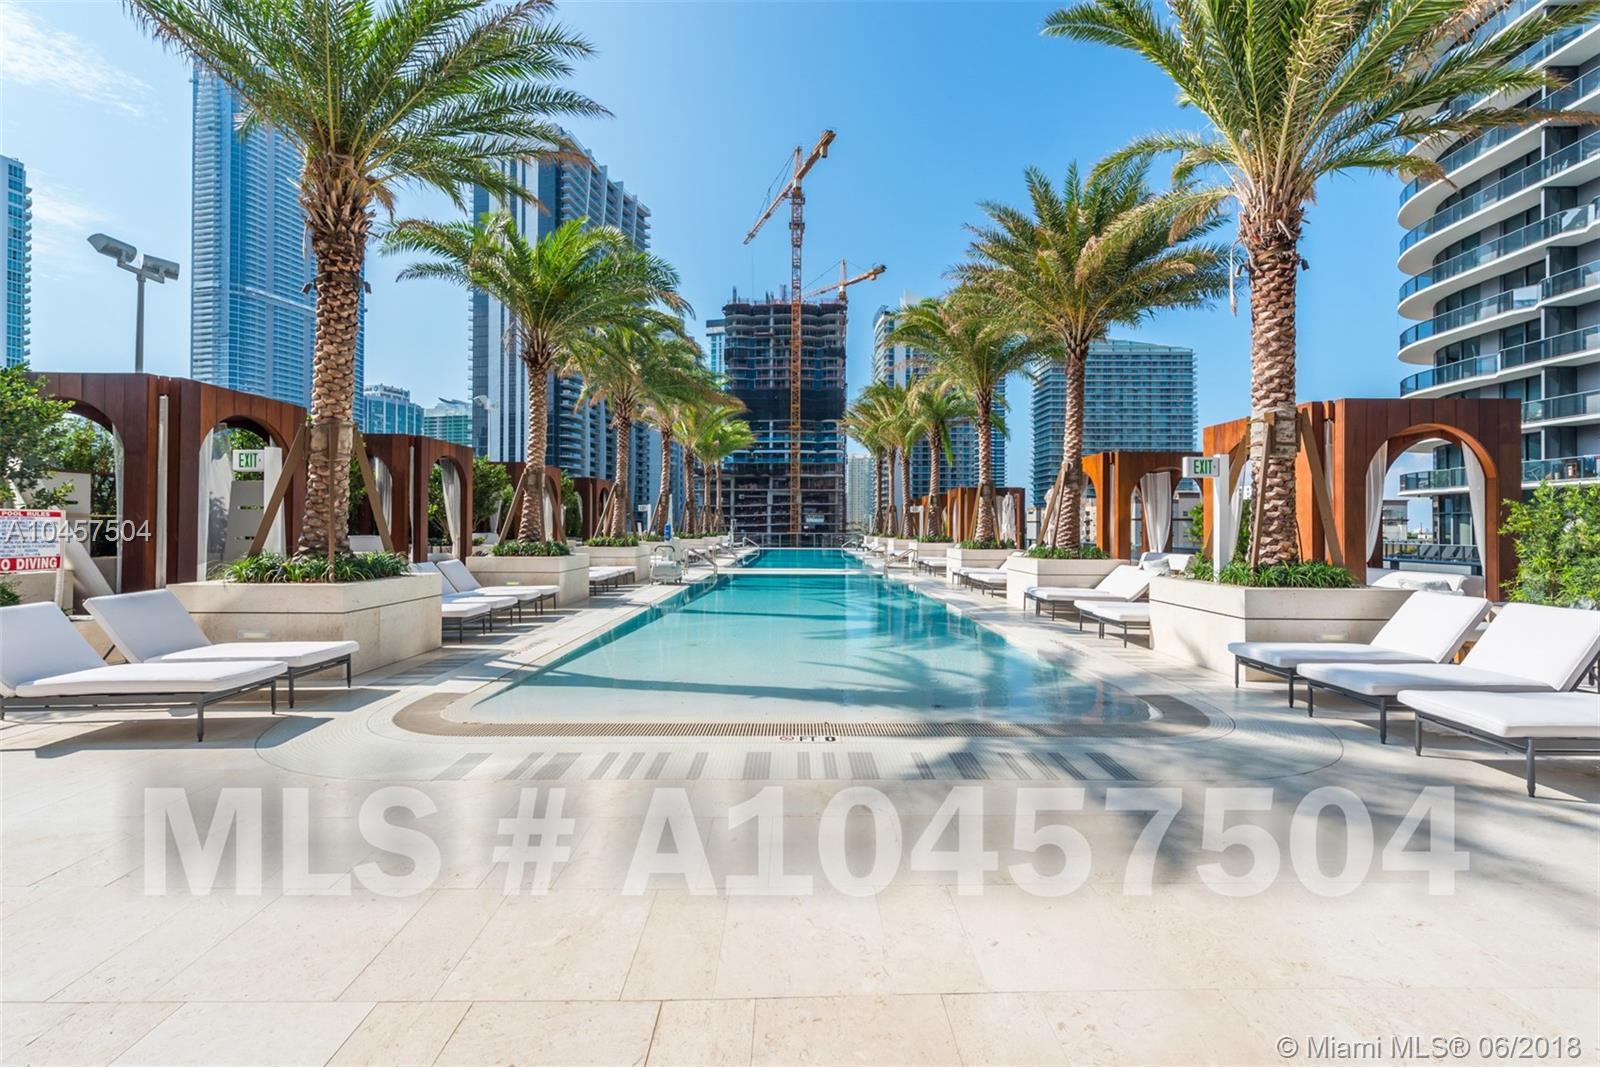 801 Miami ave-2009 miami-fl-33131-a10457504-Pic40